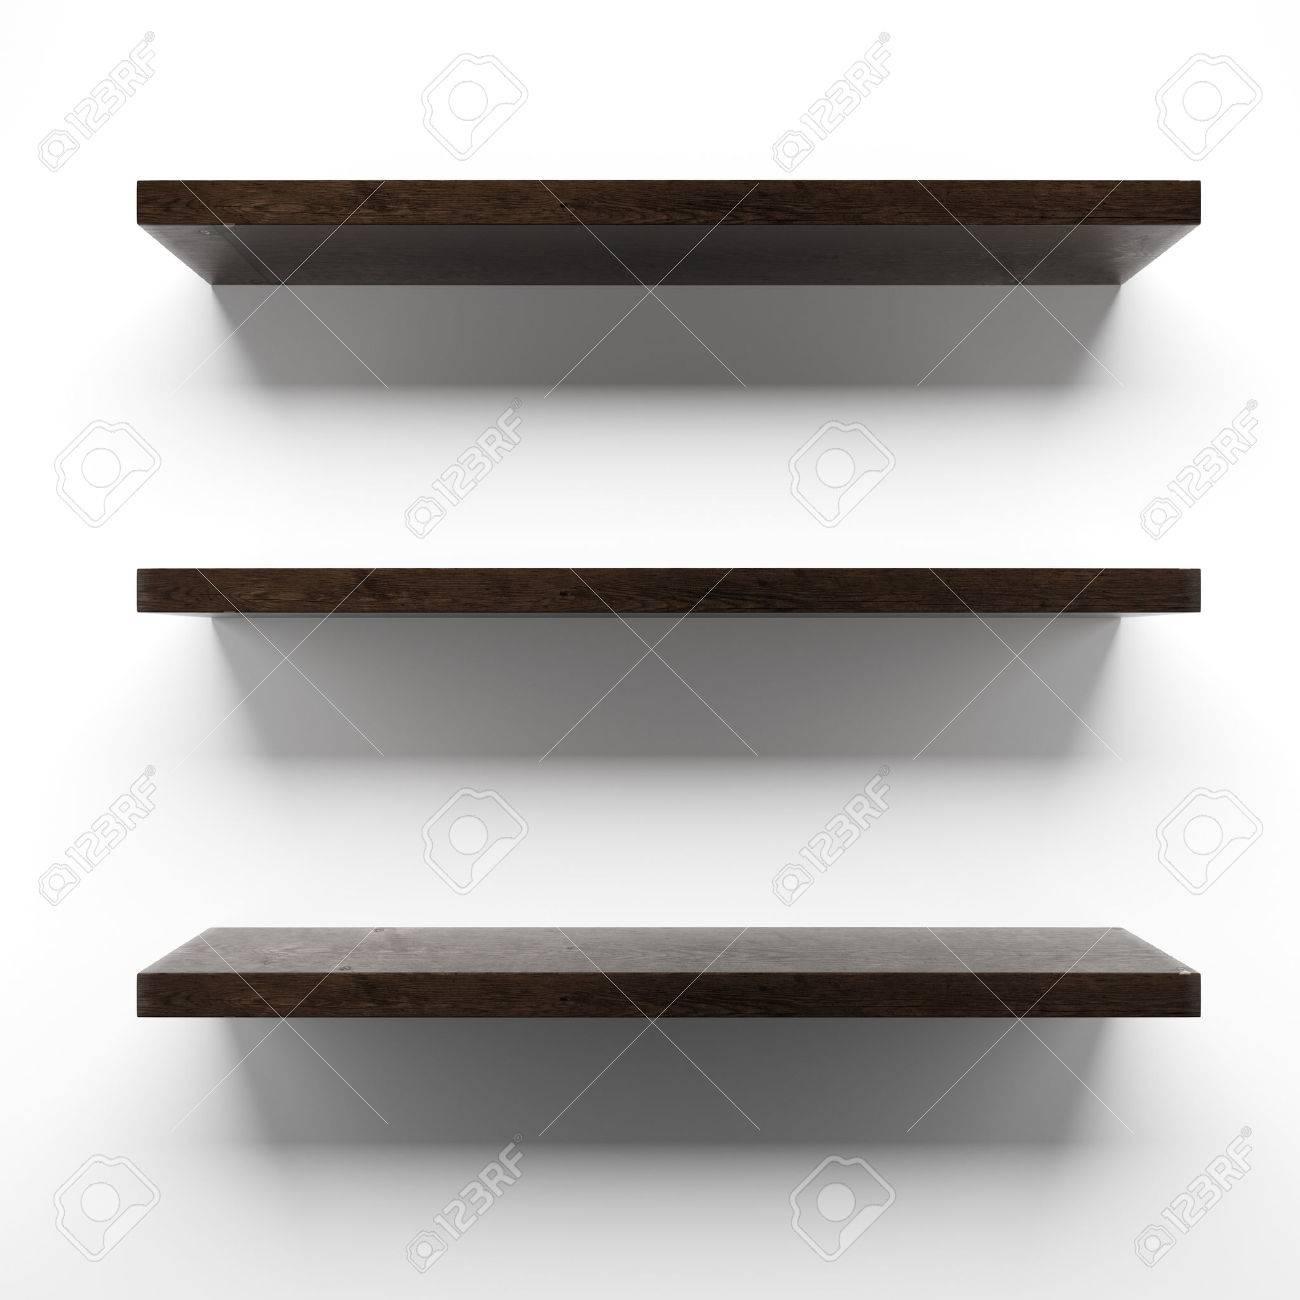 Witte Planken Aan De Muur.Lege Houten Planken Aan De Muur Geisoleerd Op Een Witte Achtergrond